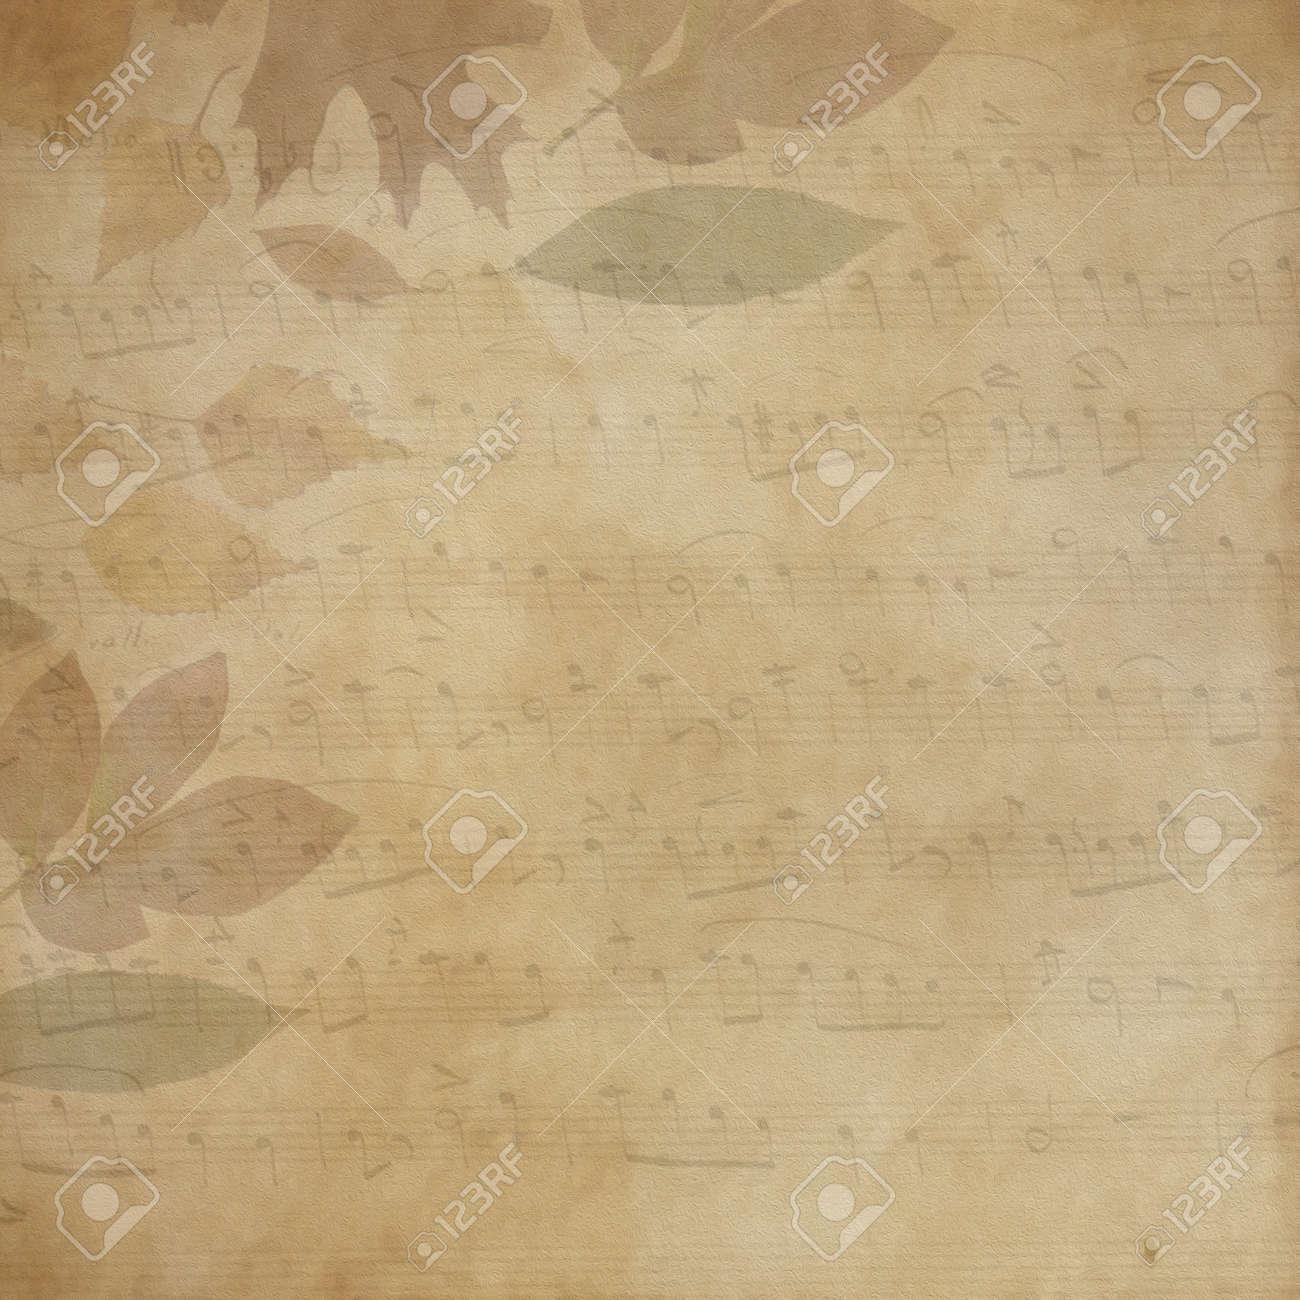 Hintergrund Rahmen Dì Wahre Blätter Und Partitur Für Antike Rahmen ...